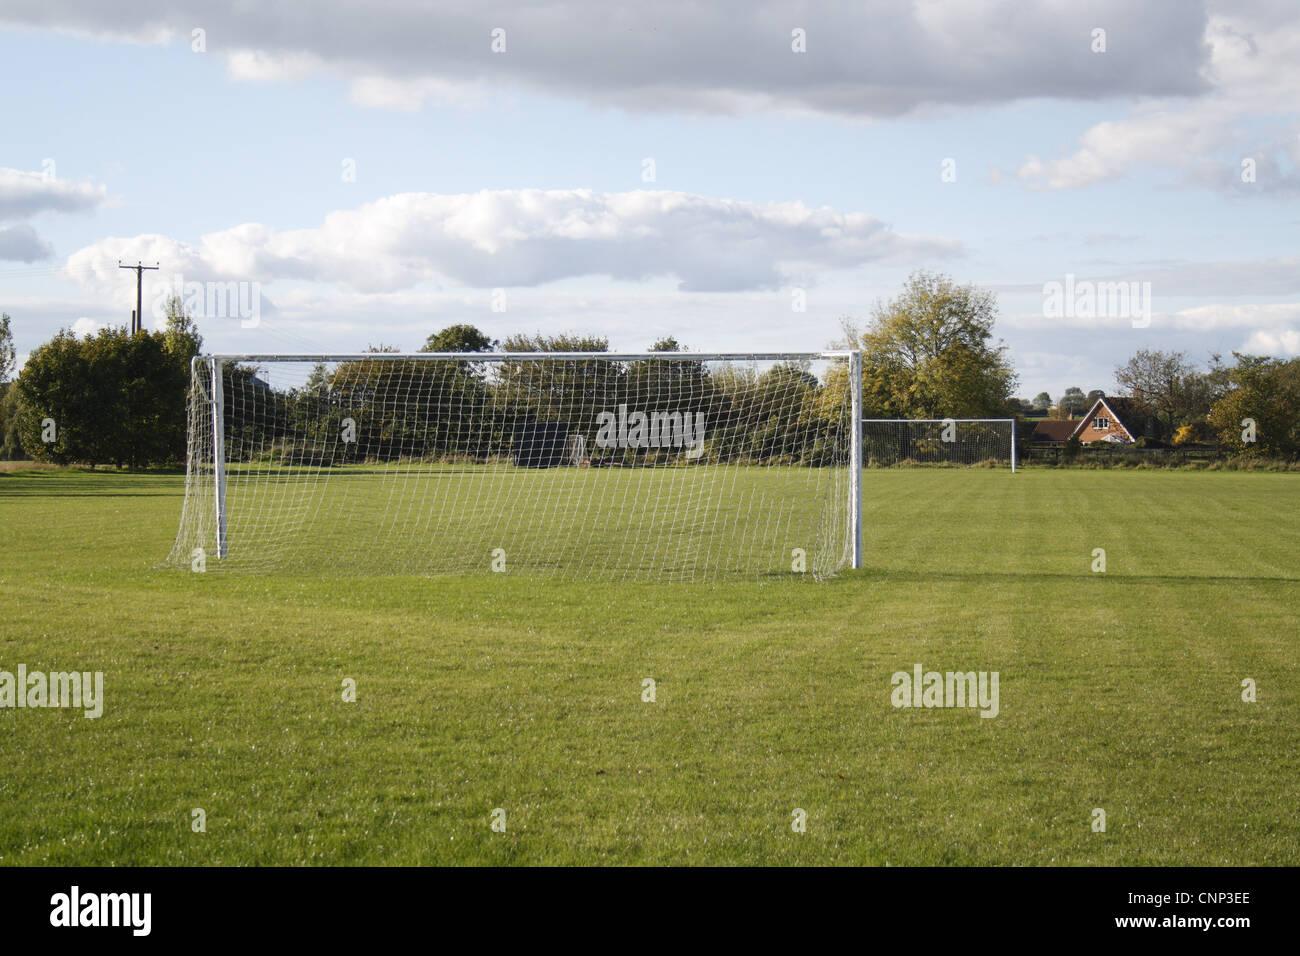 Poteaux de but sur un terrain de football du village, en soir soleil, Bacton, Suffolk, Angleterre, octobre Banque D'Images